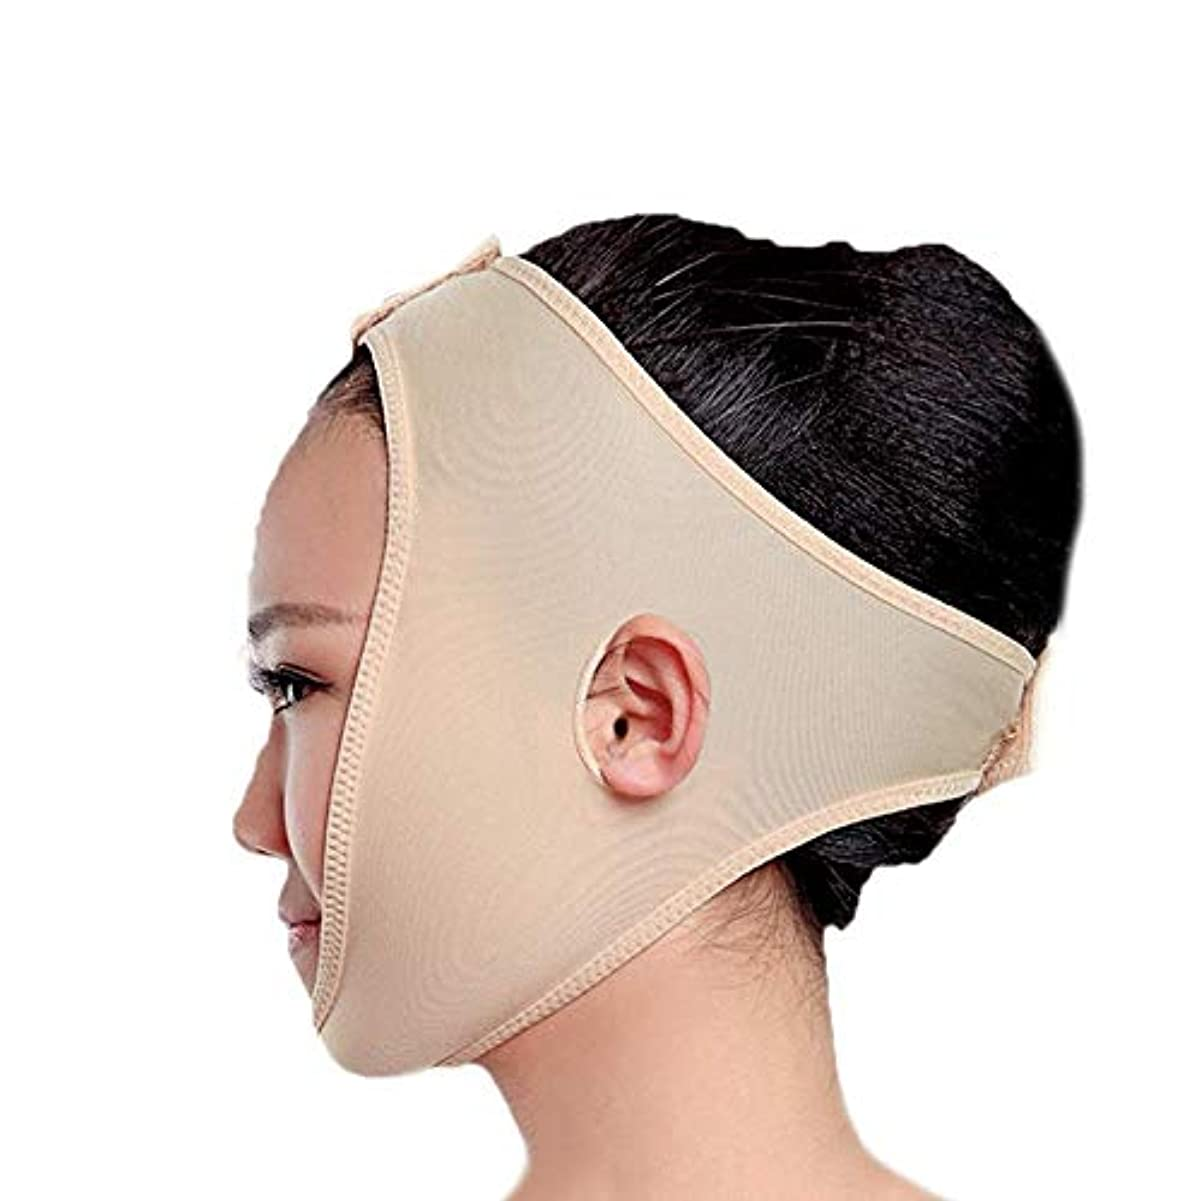 帝国ドキドキ啓発するフェイススリミングマスク、快適さと通気性、フェイシャルリフティング、輪郭の改善された硬さ、ファーミングとリフティングフェイス(カラー:ブラック、サイズ:XL),黄色がかったピンク2、M